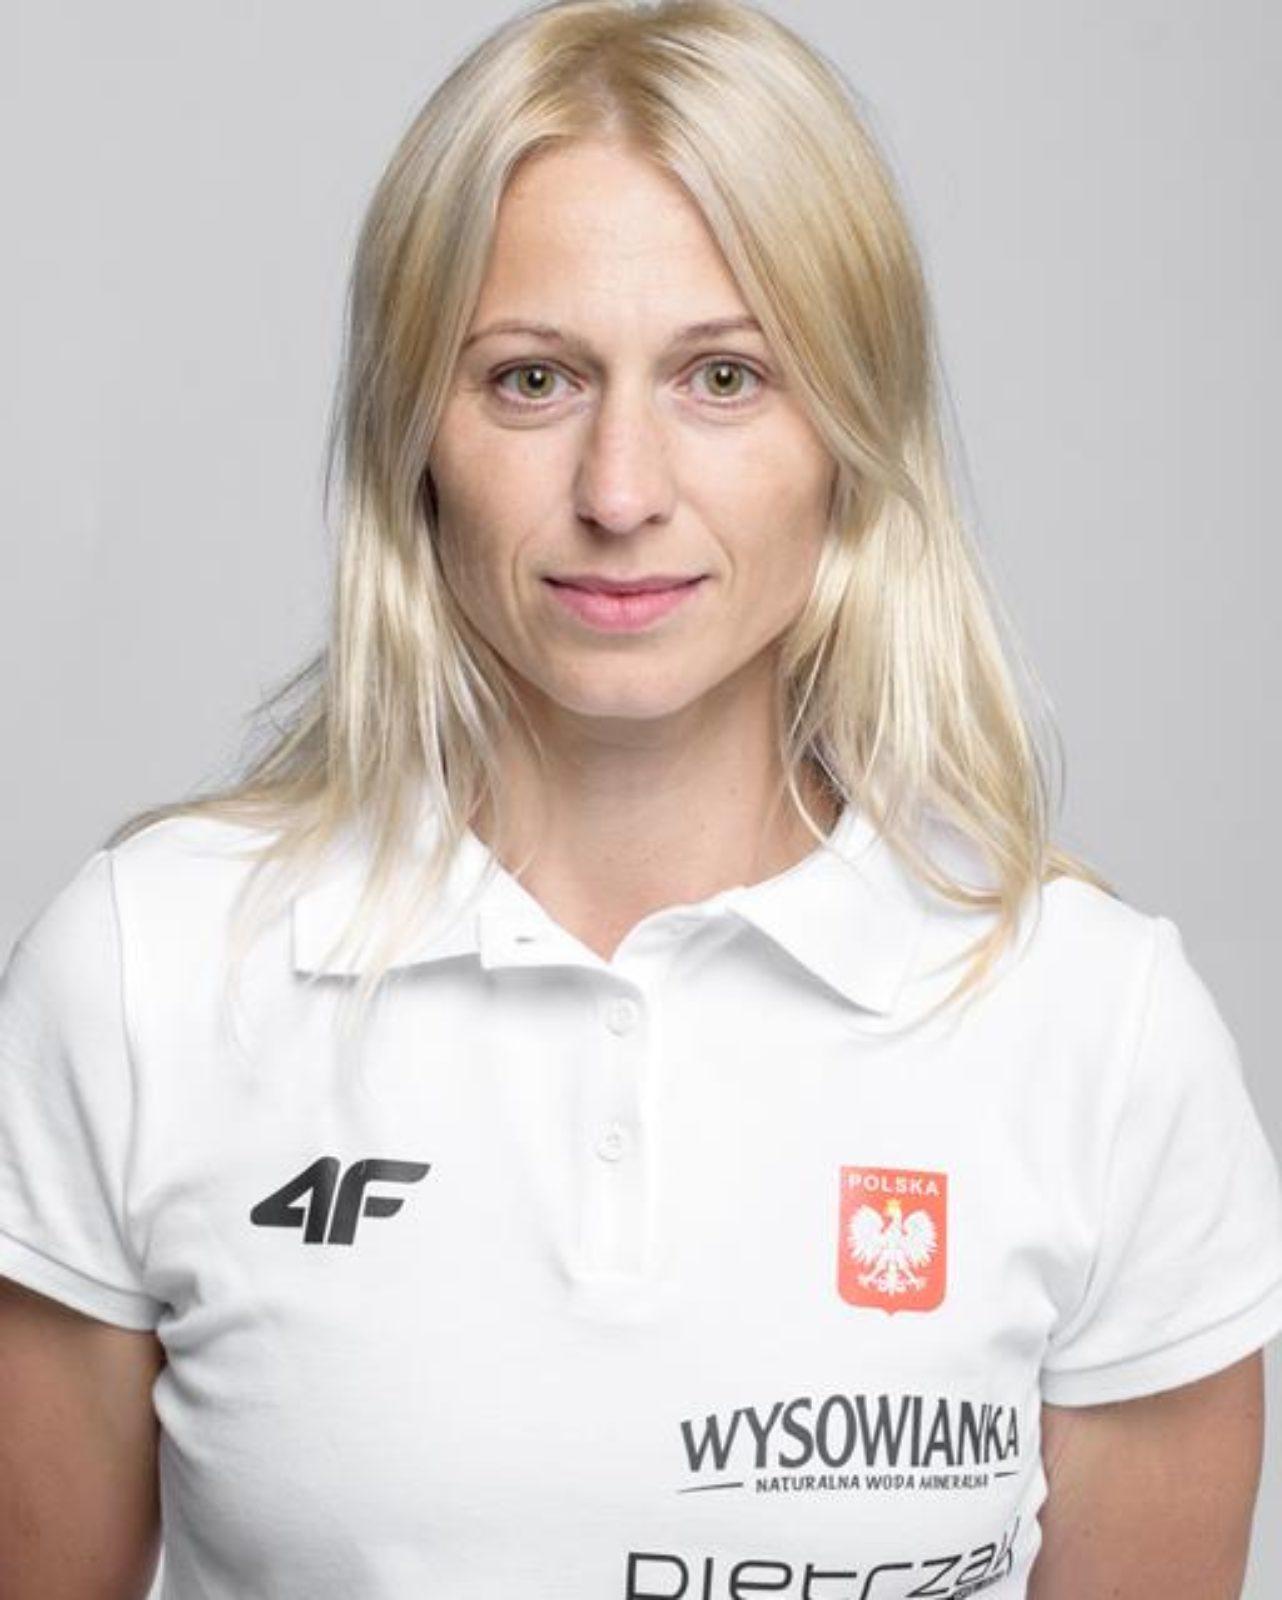 Krystyna Guzik